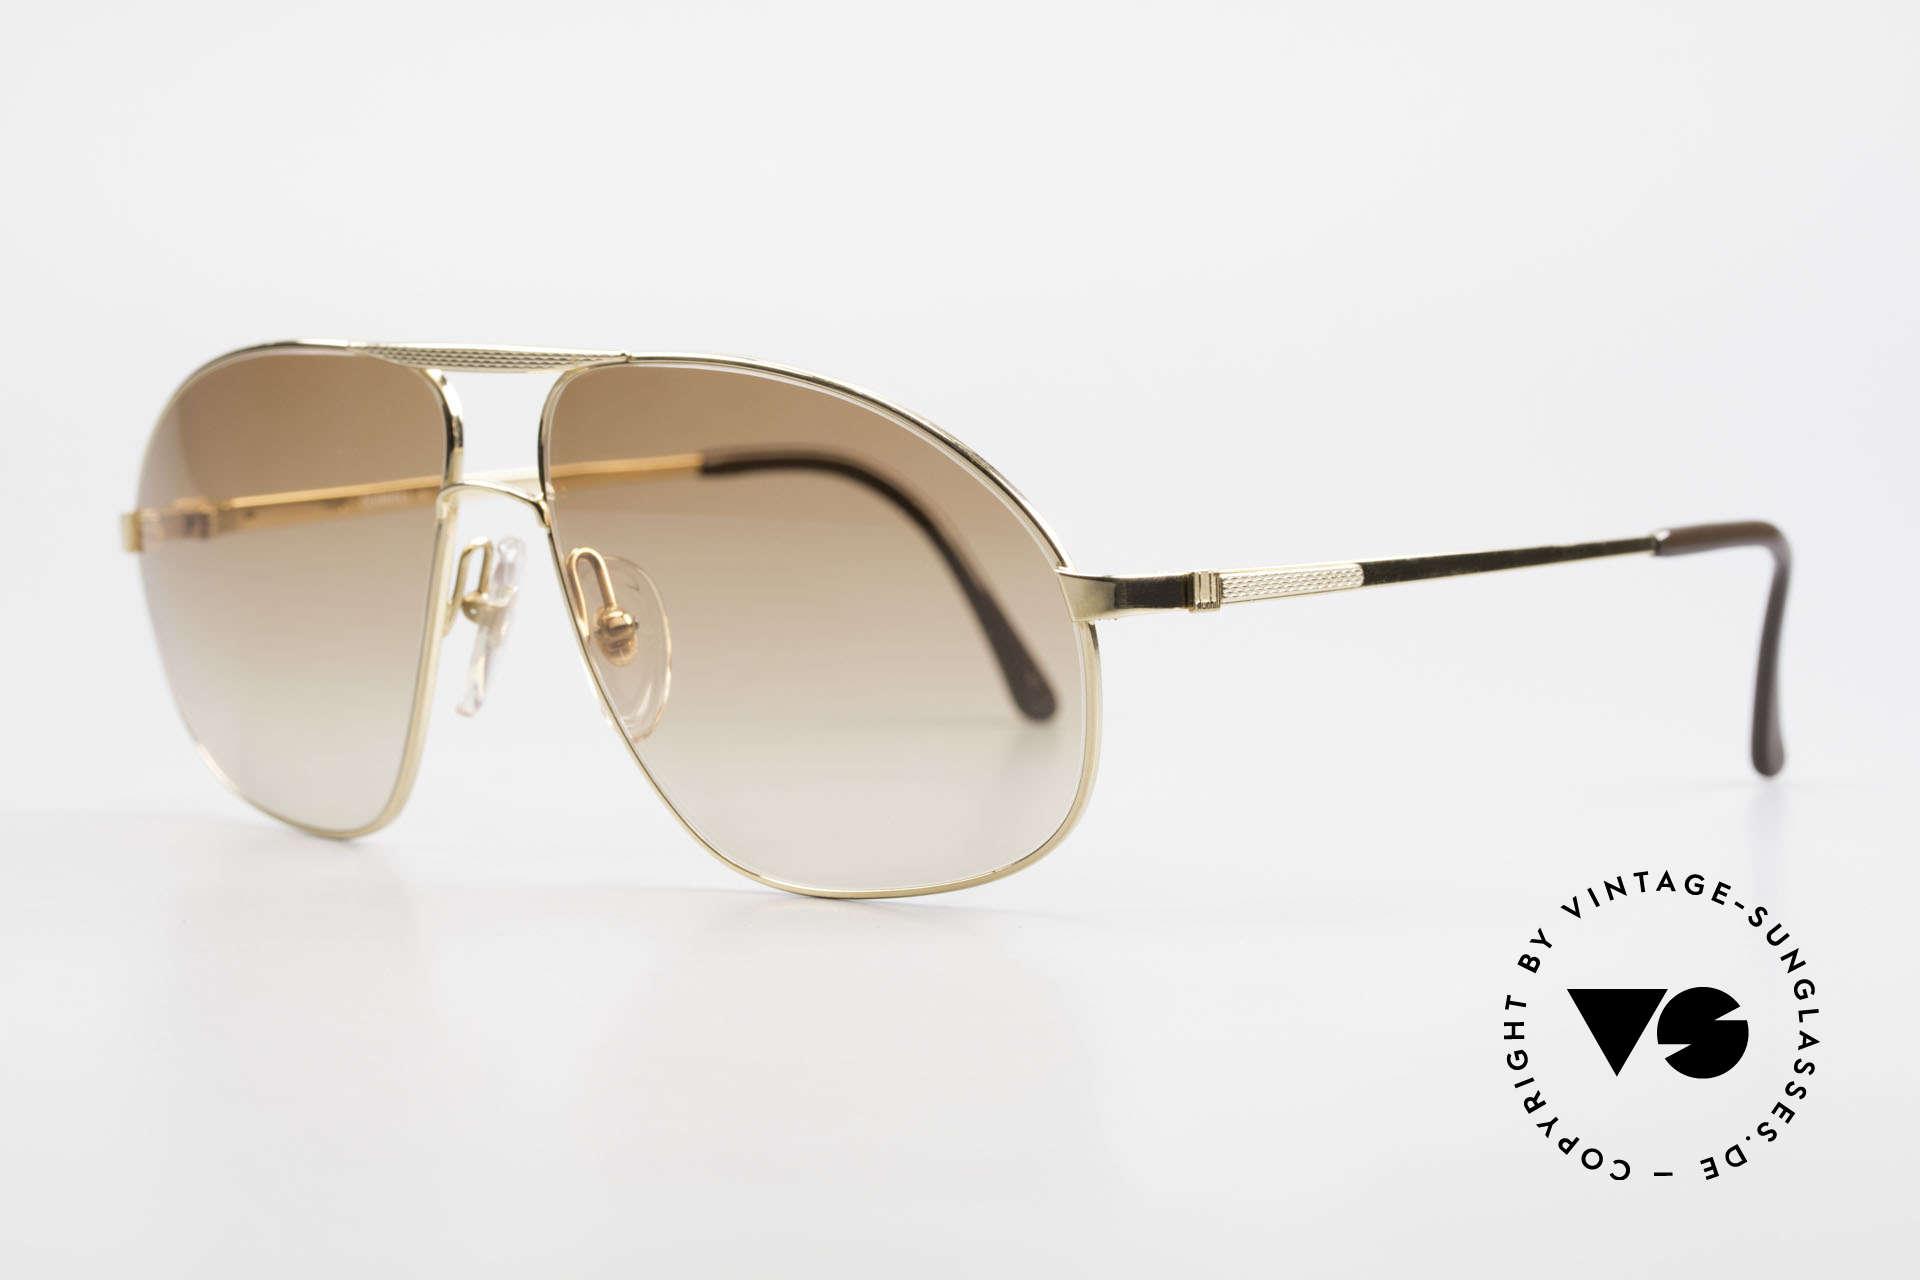 Dunhill 6125 Vergoldete Piloten Brille 90er, Fassung ist hart-vergoldet und mit Barley-Facetten, Passend für Herren